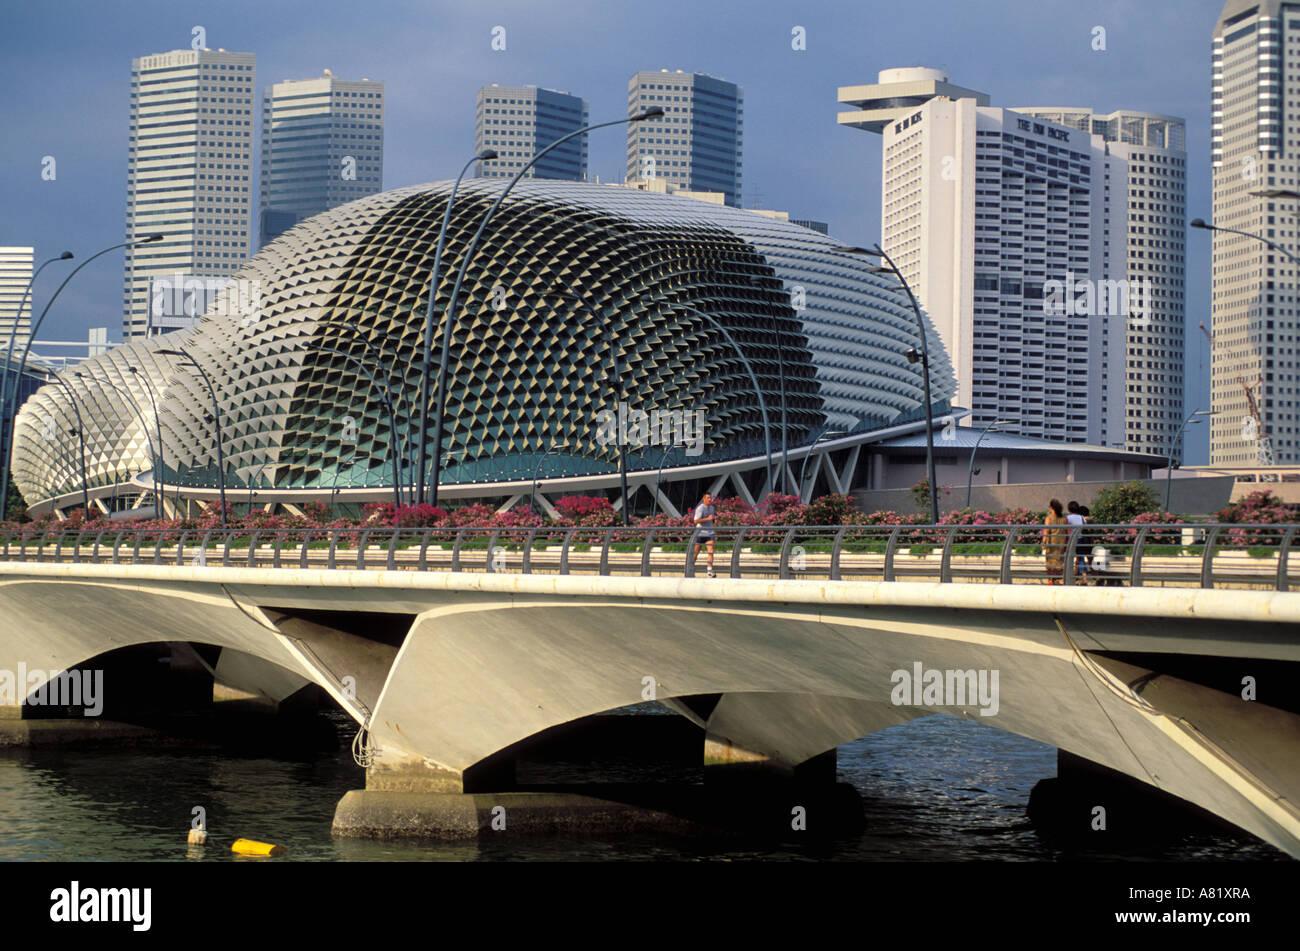 esplanade theatre singapore - photo #31